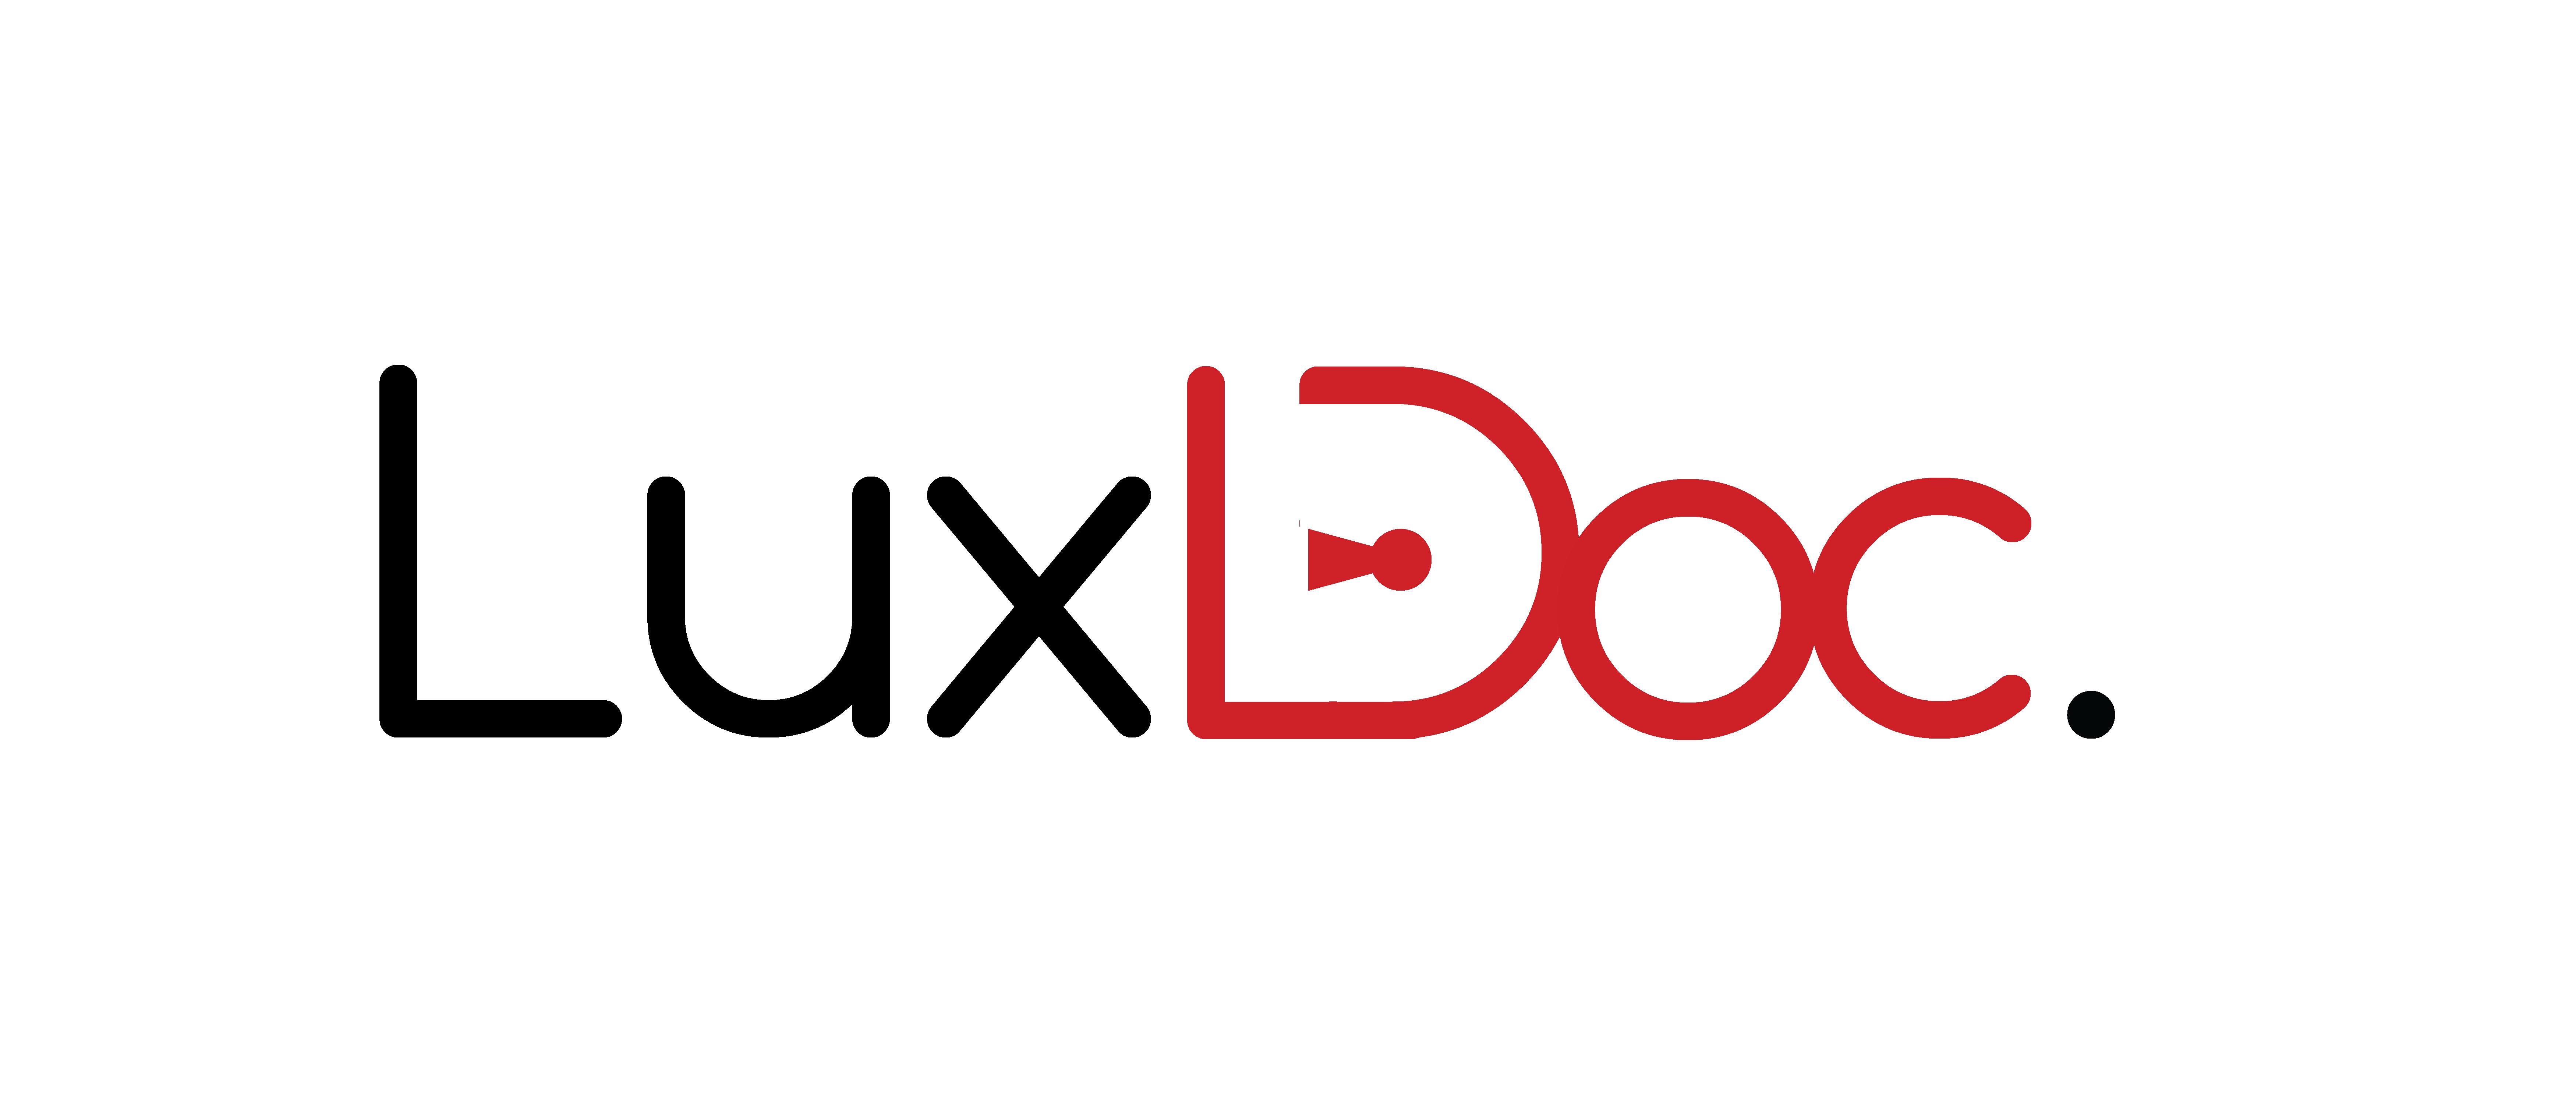 LuxDoc